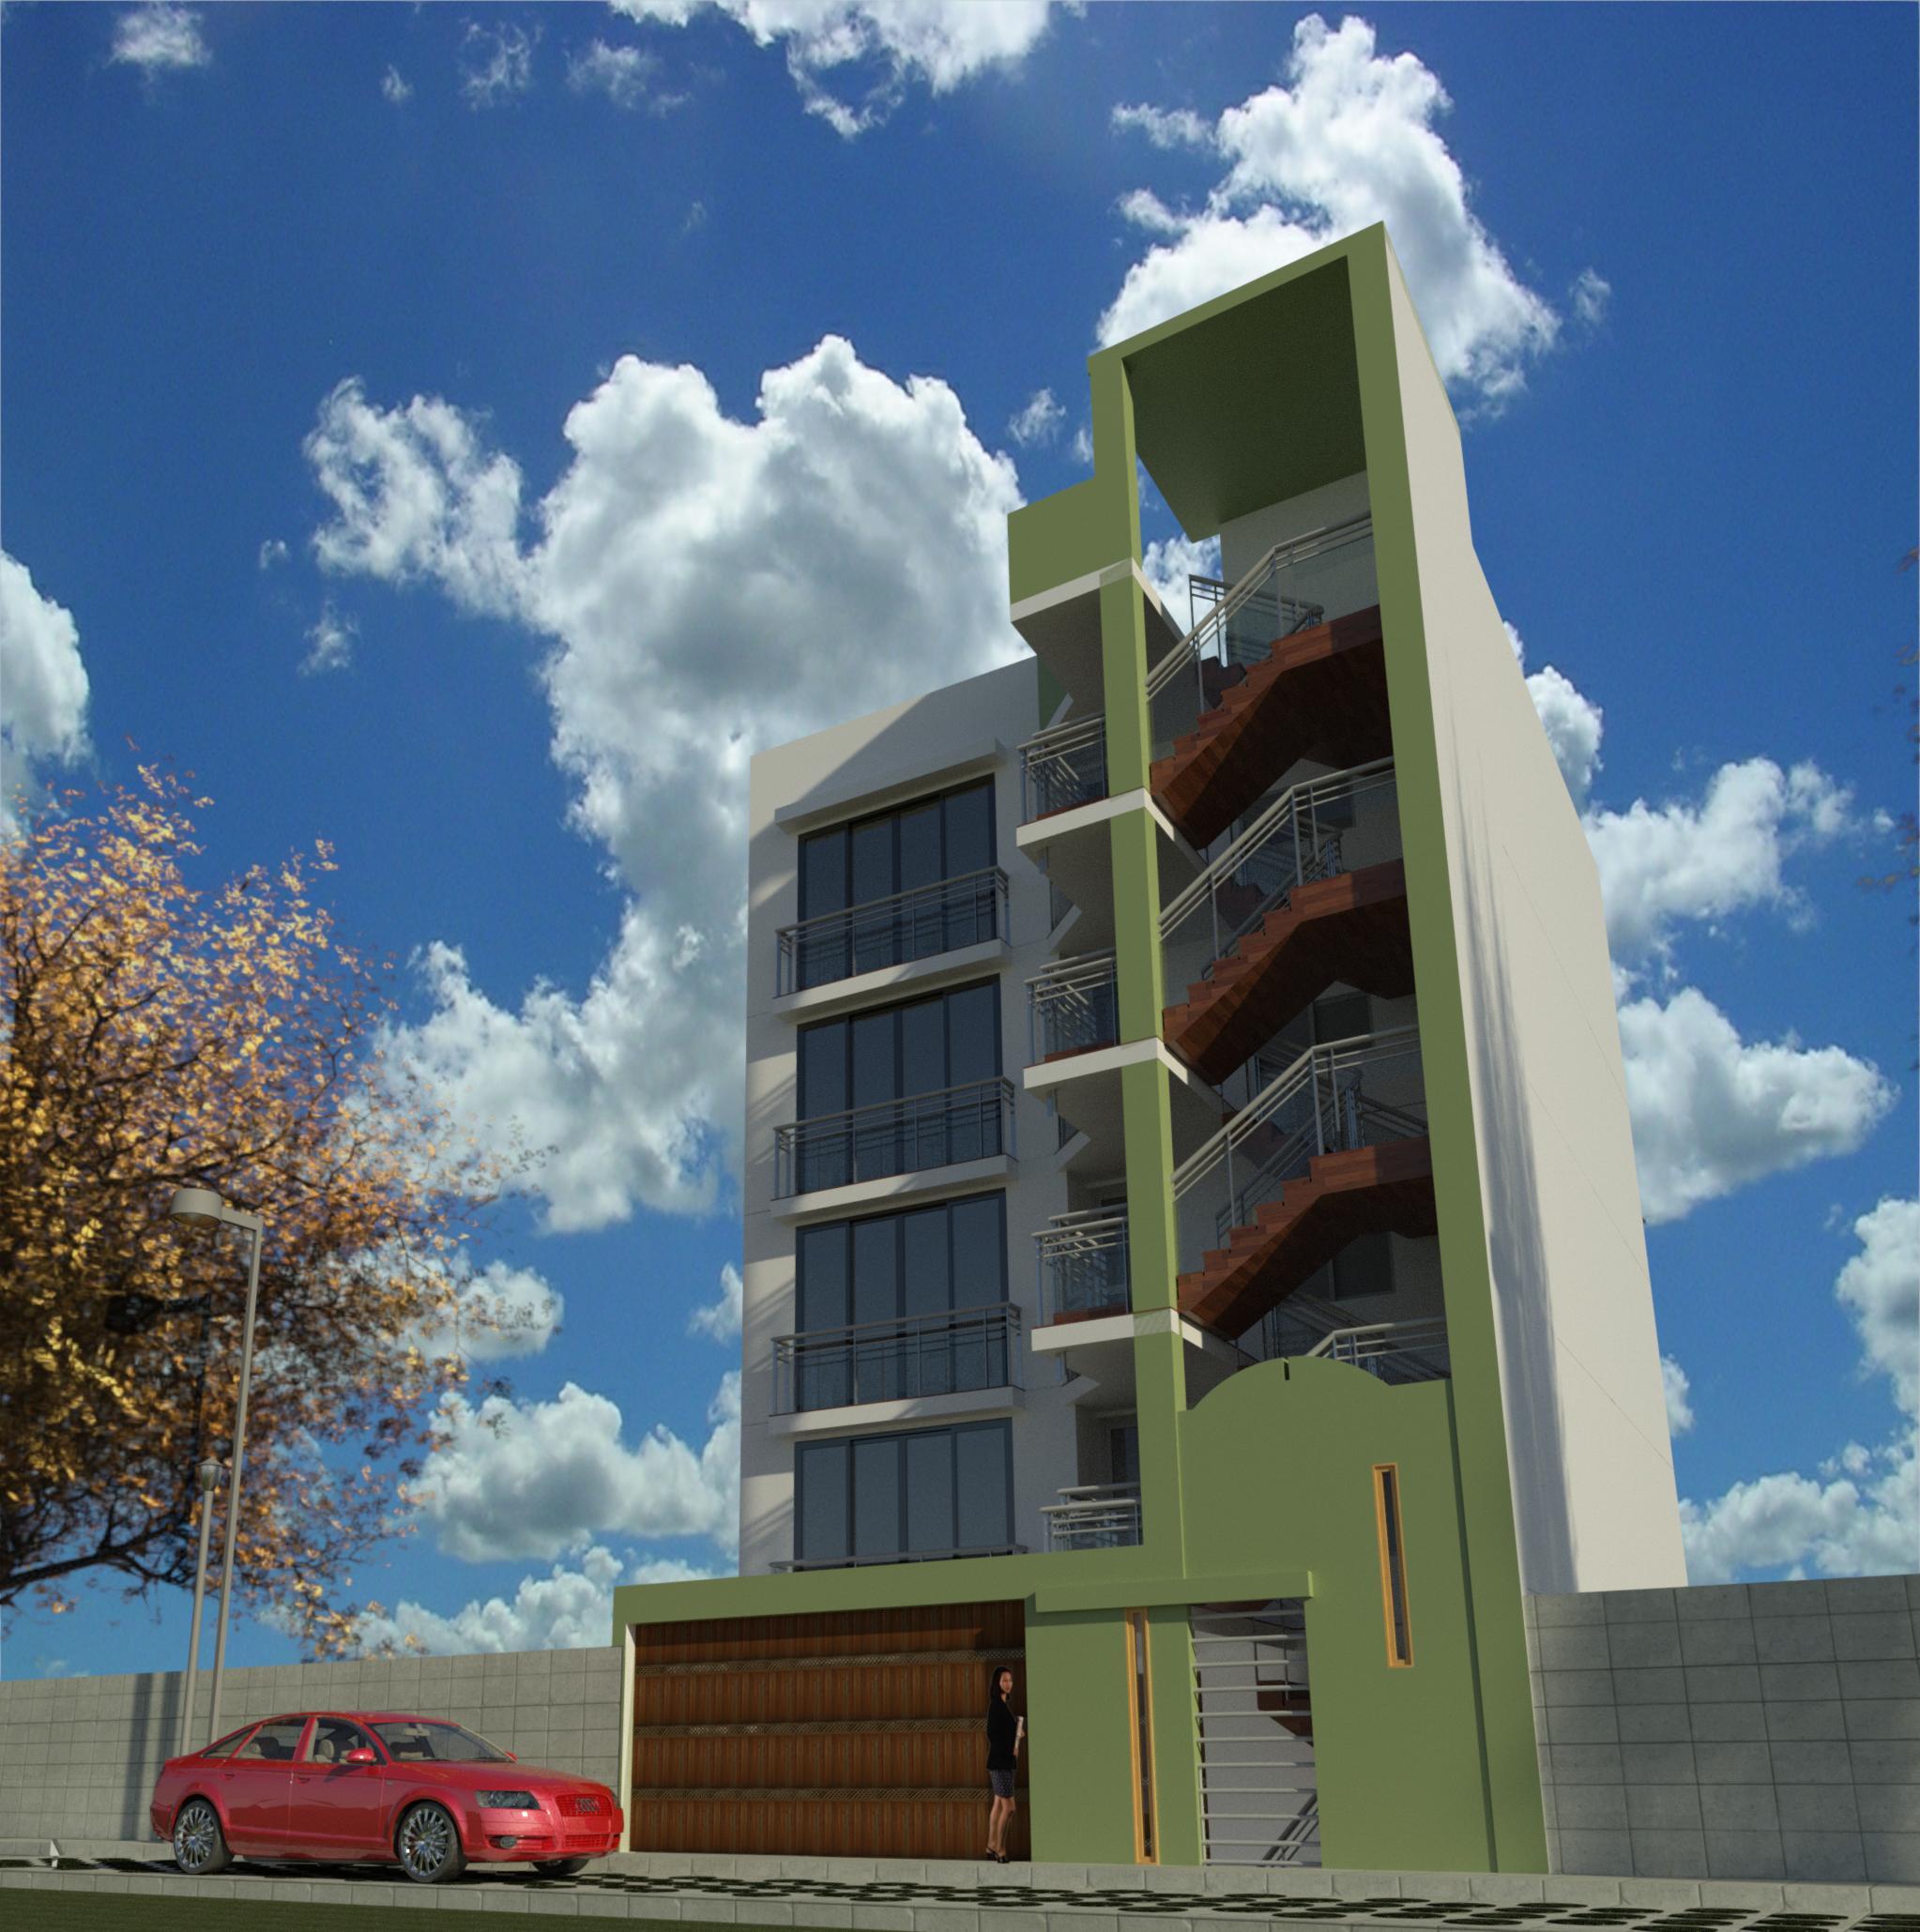 Venta de Departamento en Paucarpata, Arequipa con 2 baños - vista principal